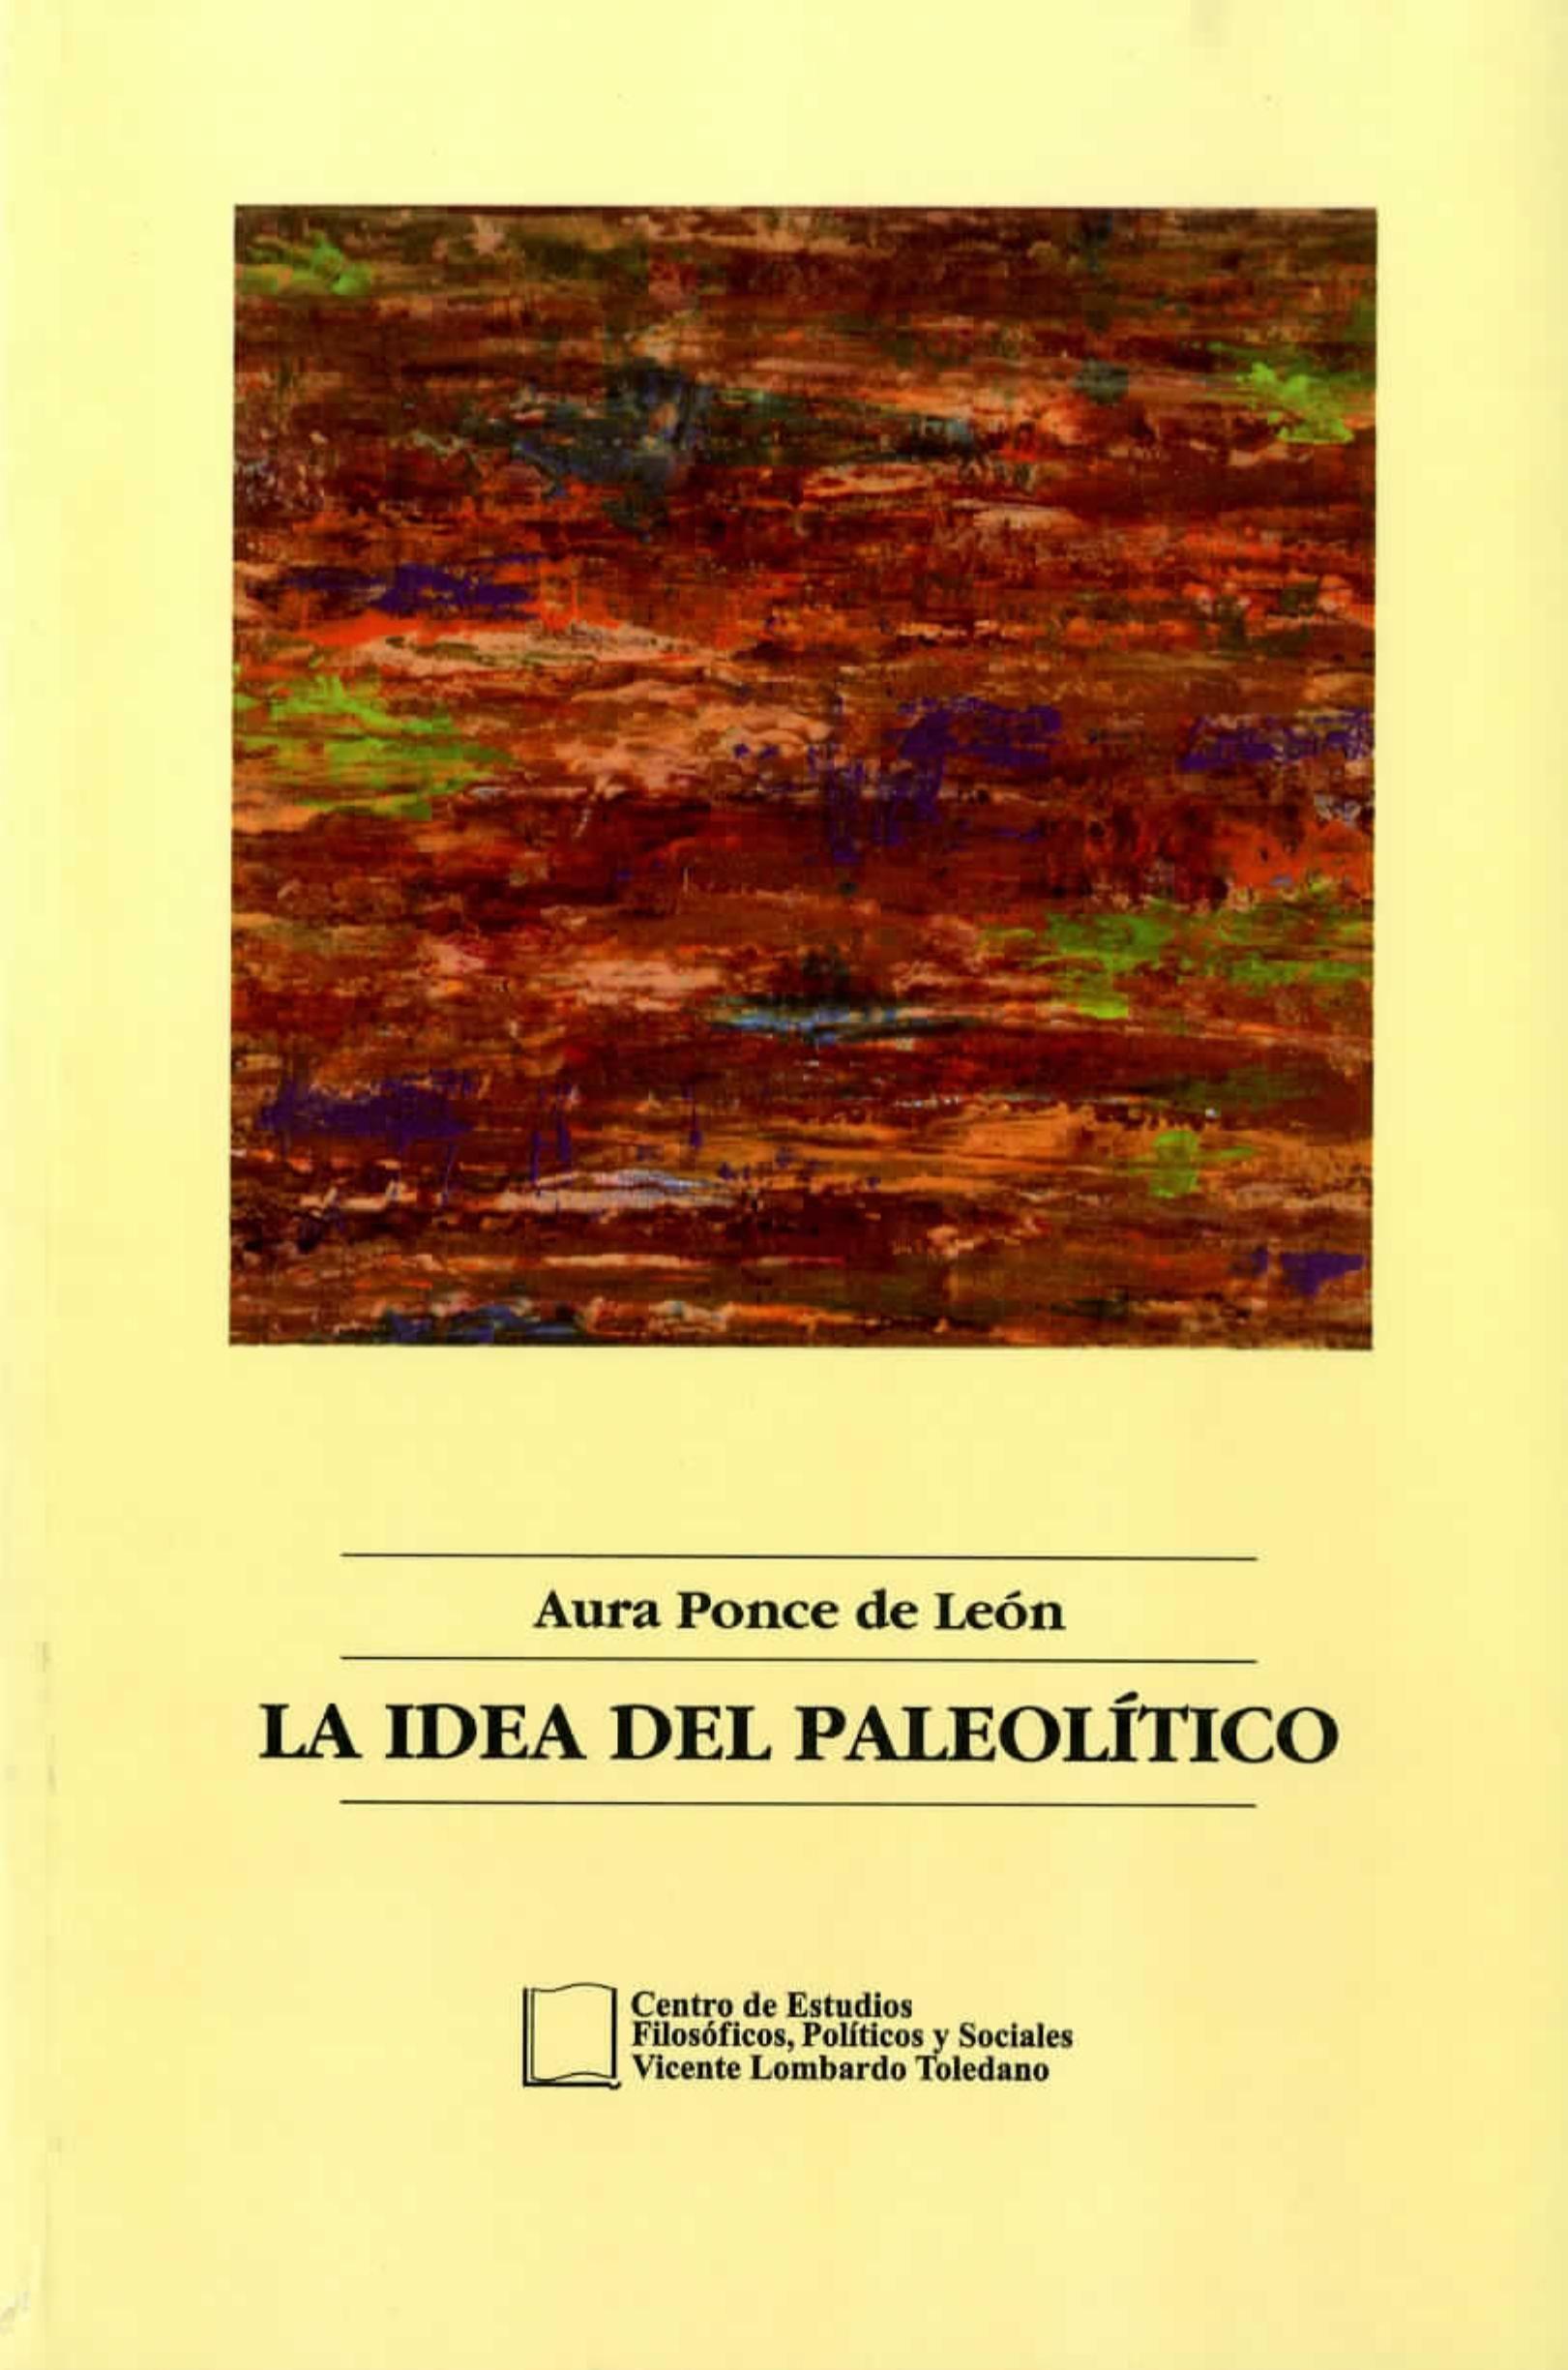 Portada del libro: LA IDEA DEL PALEOLÍTICO